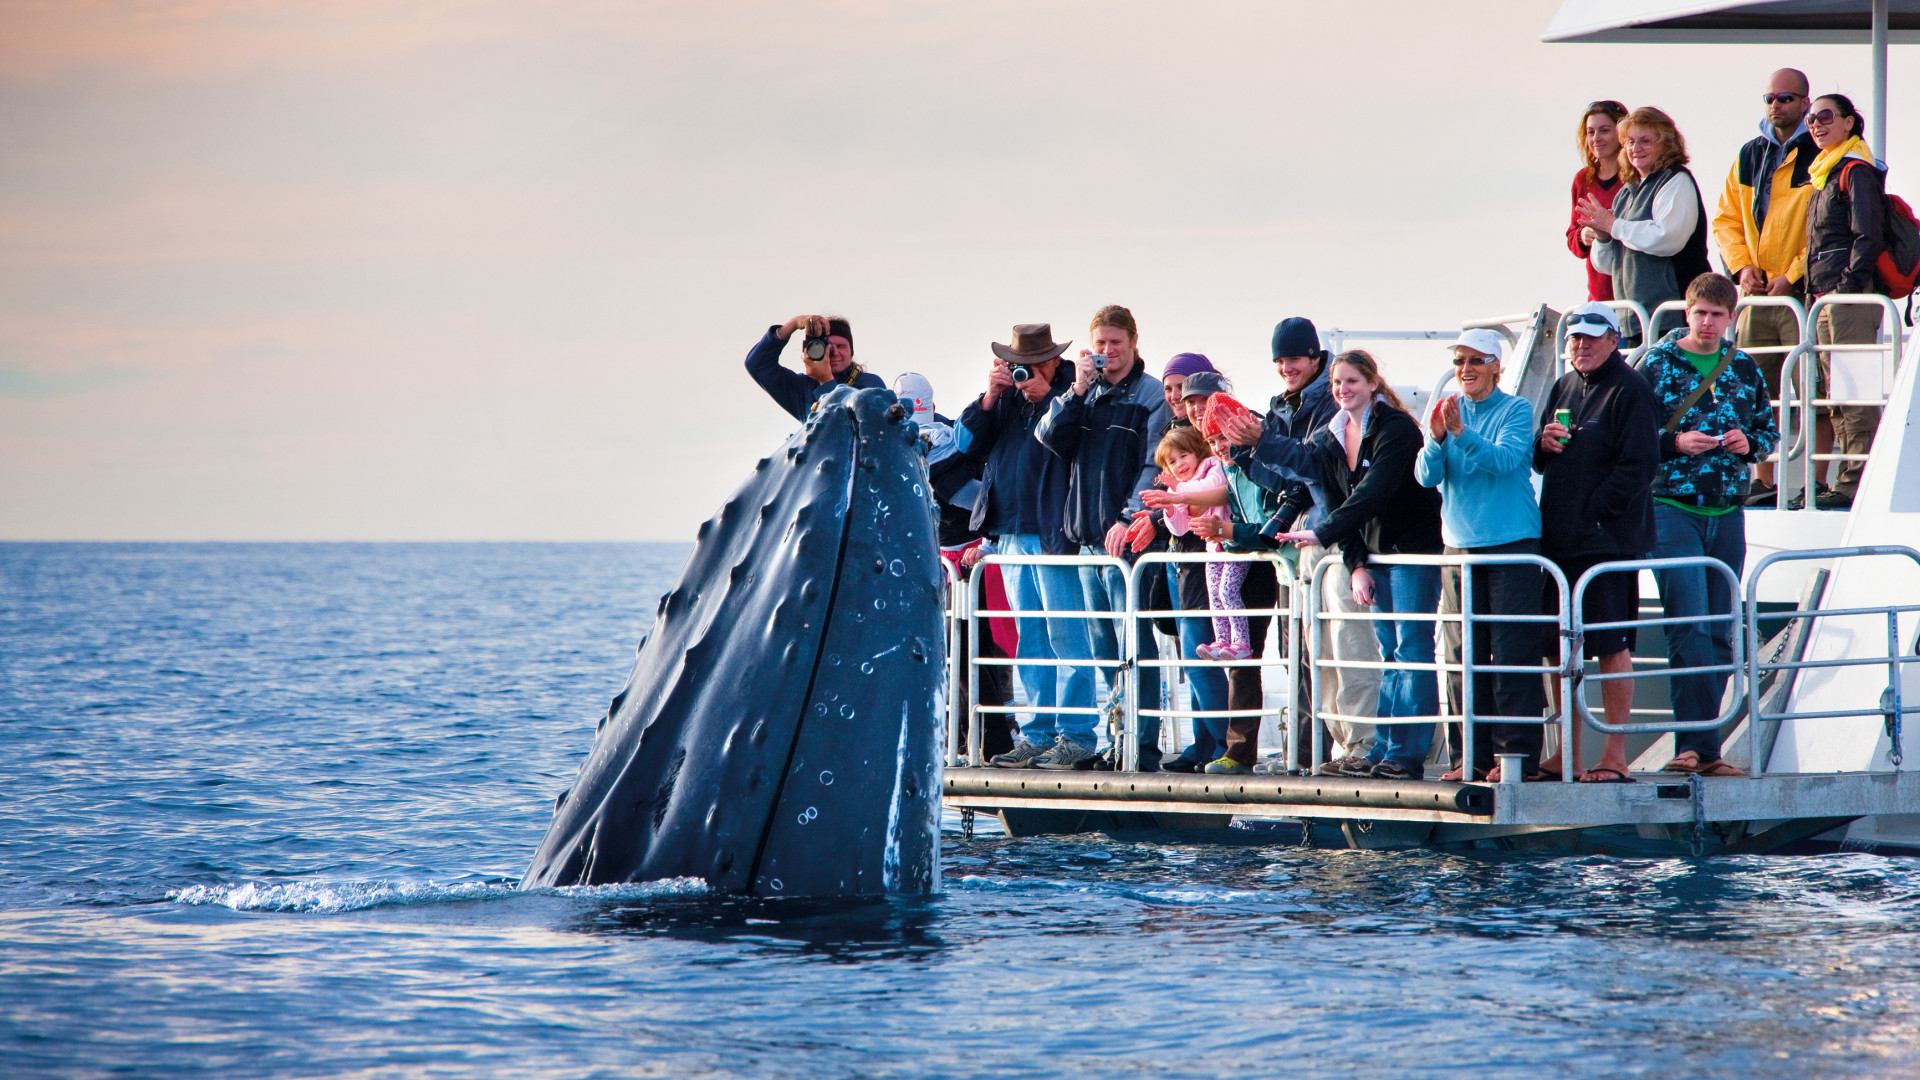 A whale off Australia's coast